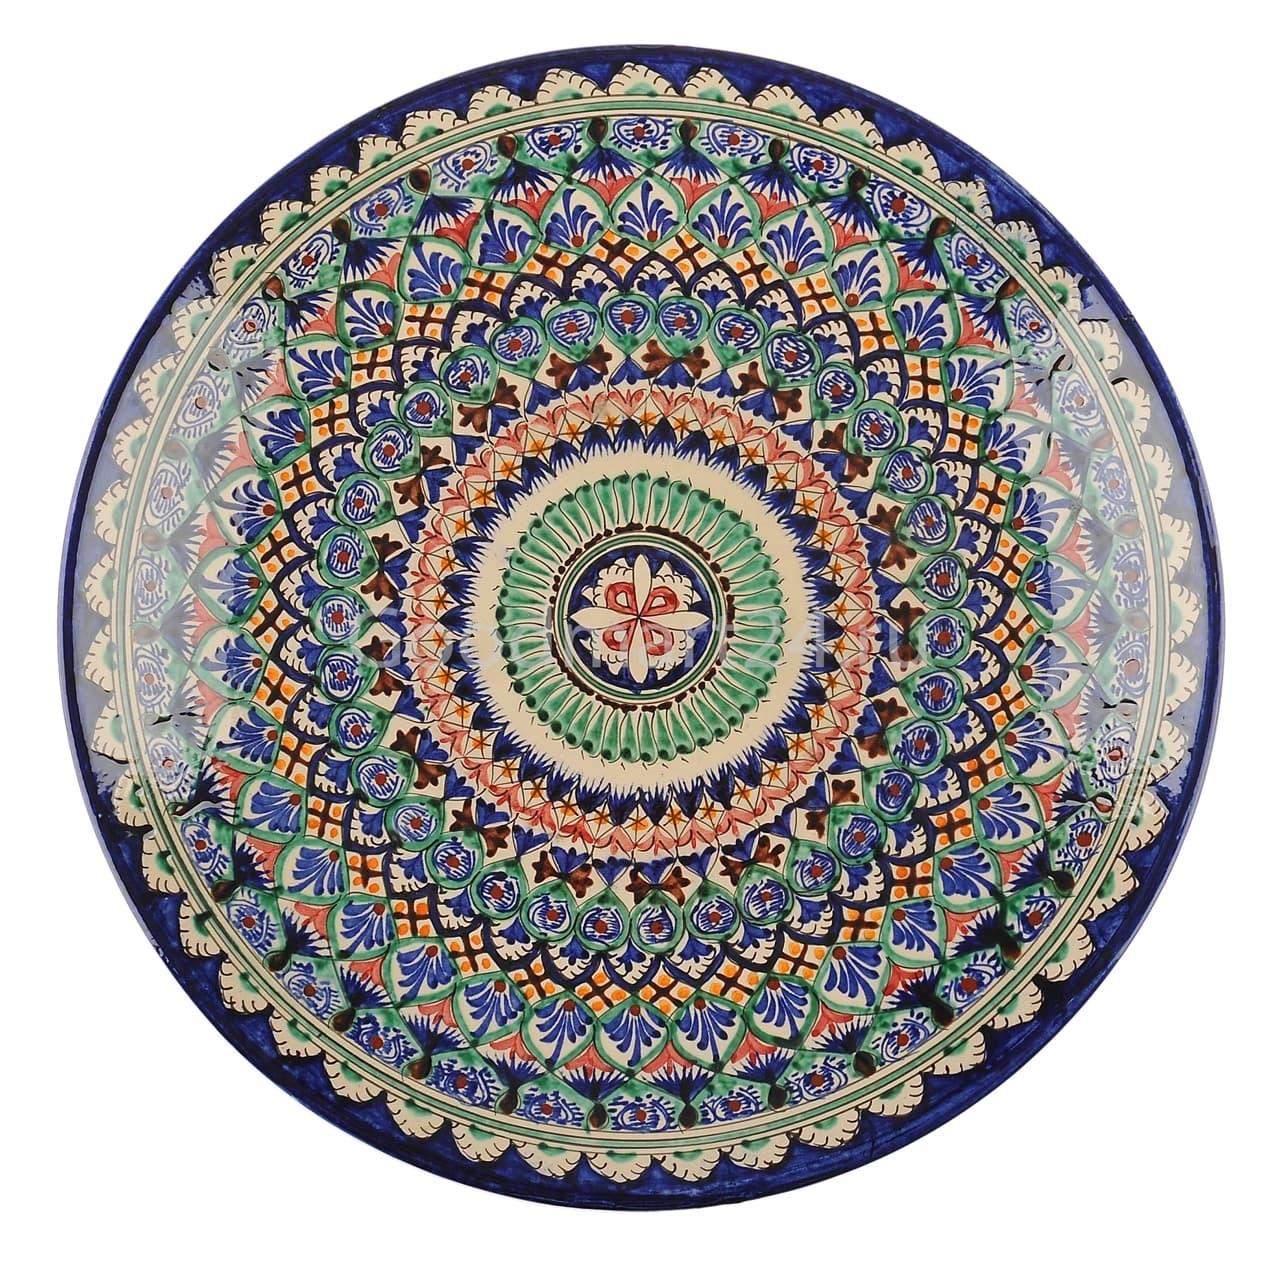 Ляган Риштанская Керамика 32 см. плоский, синий - фото 7316